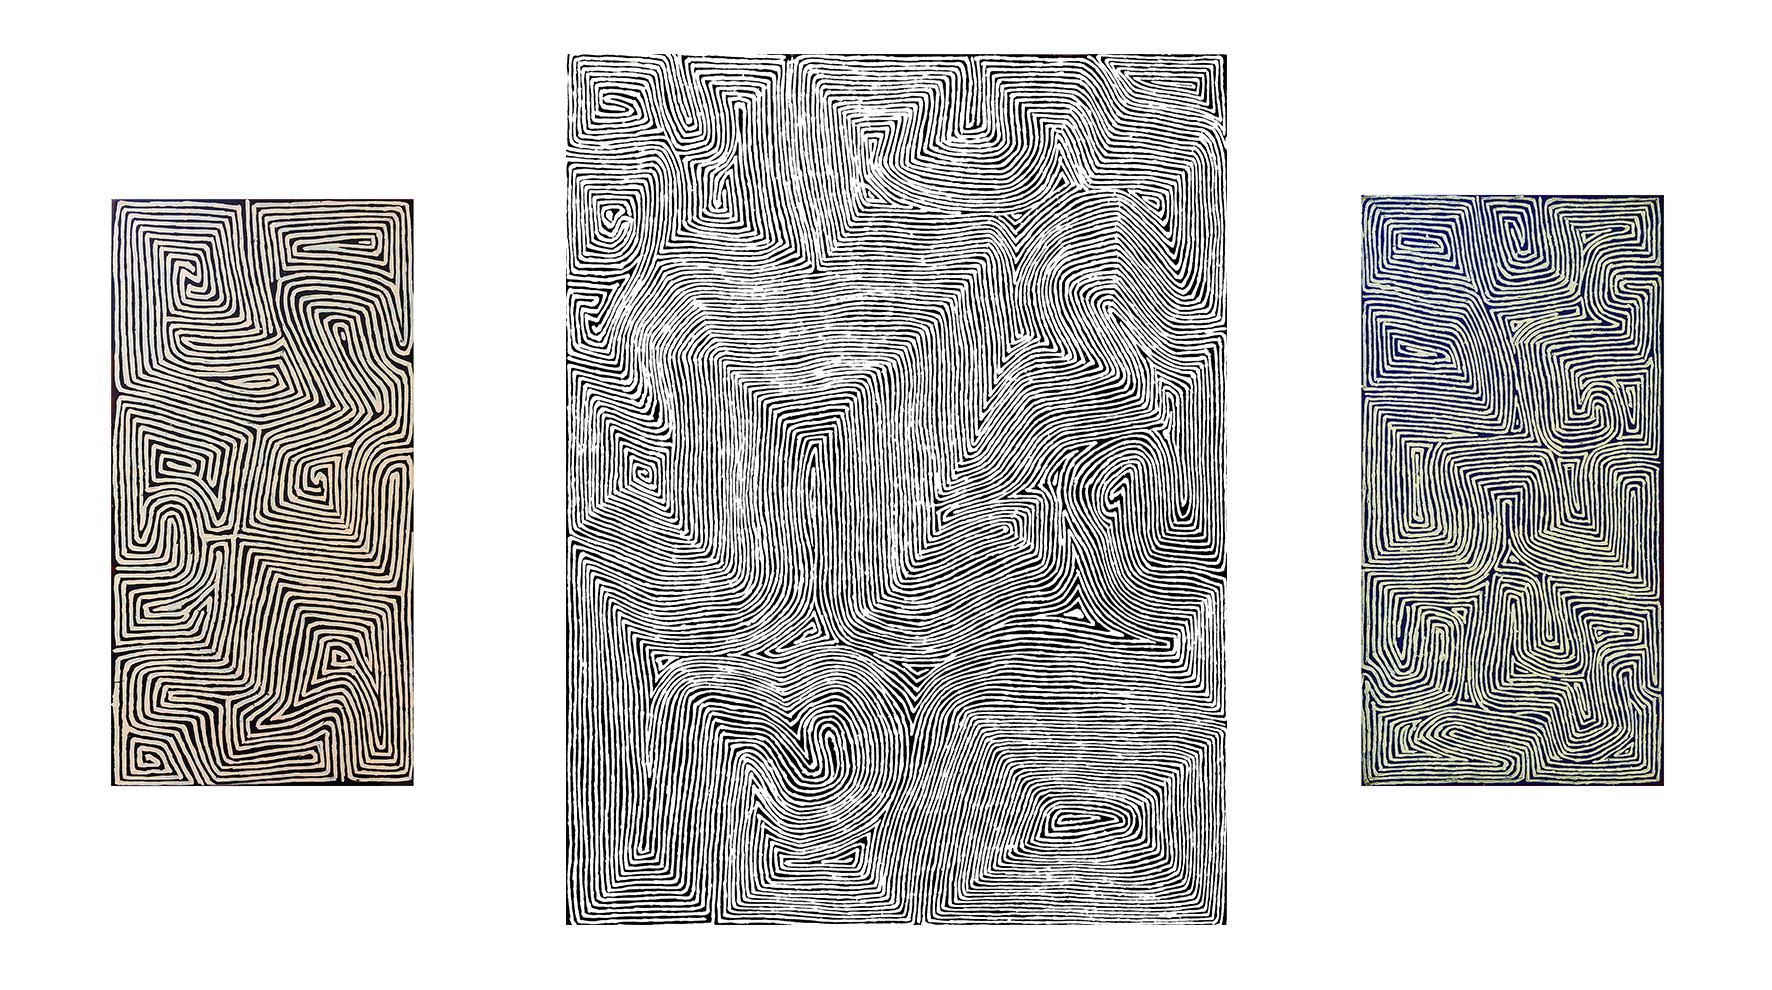 Trois œuvres de l'artiste Aborigène George Tjungurrayi. Format de gauche à droite : 91 x 46 cm, 122 x 91 cm, 91 x 46 cm. Thème : Dreaming time lié au cycle Tingari. Provenance : Papunya Tula Artists © Photo : Aboriginal Signature • Estrangin gallery with the courtesy of the artist.